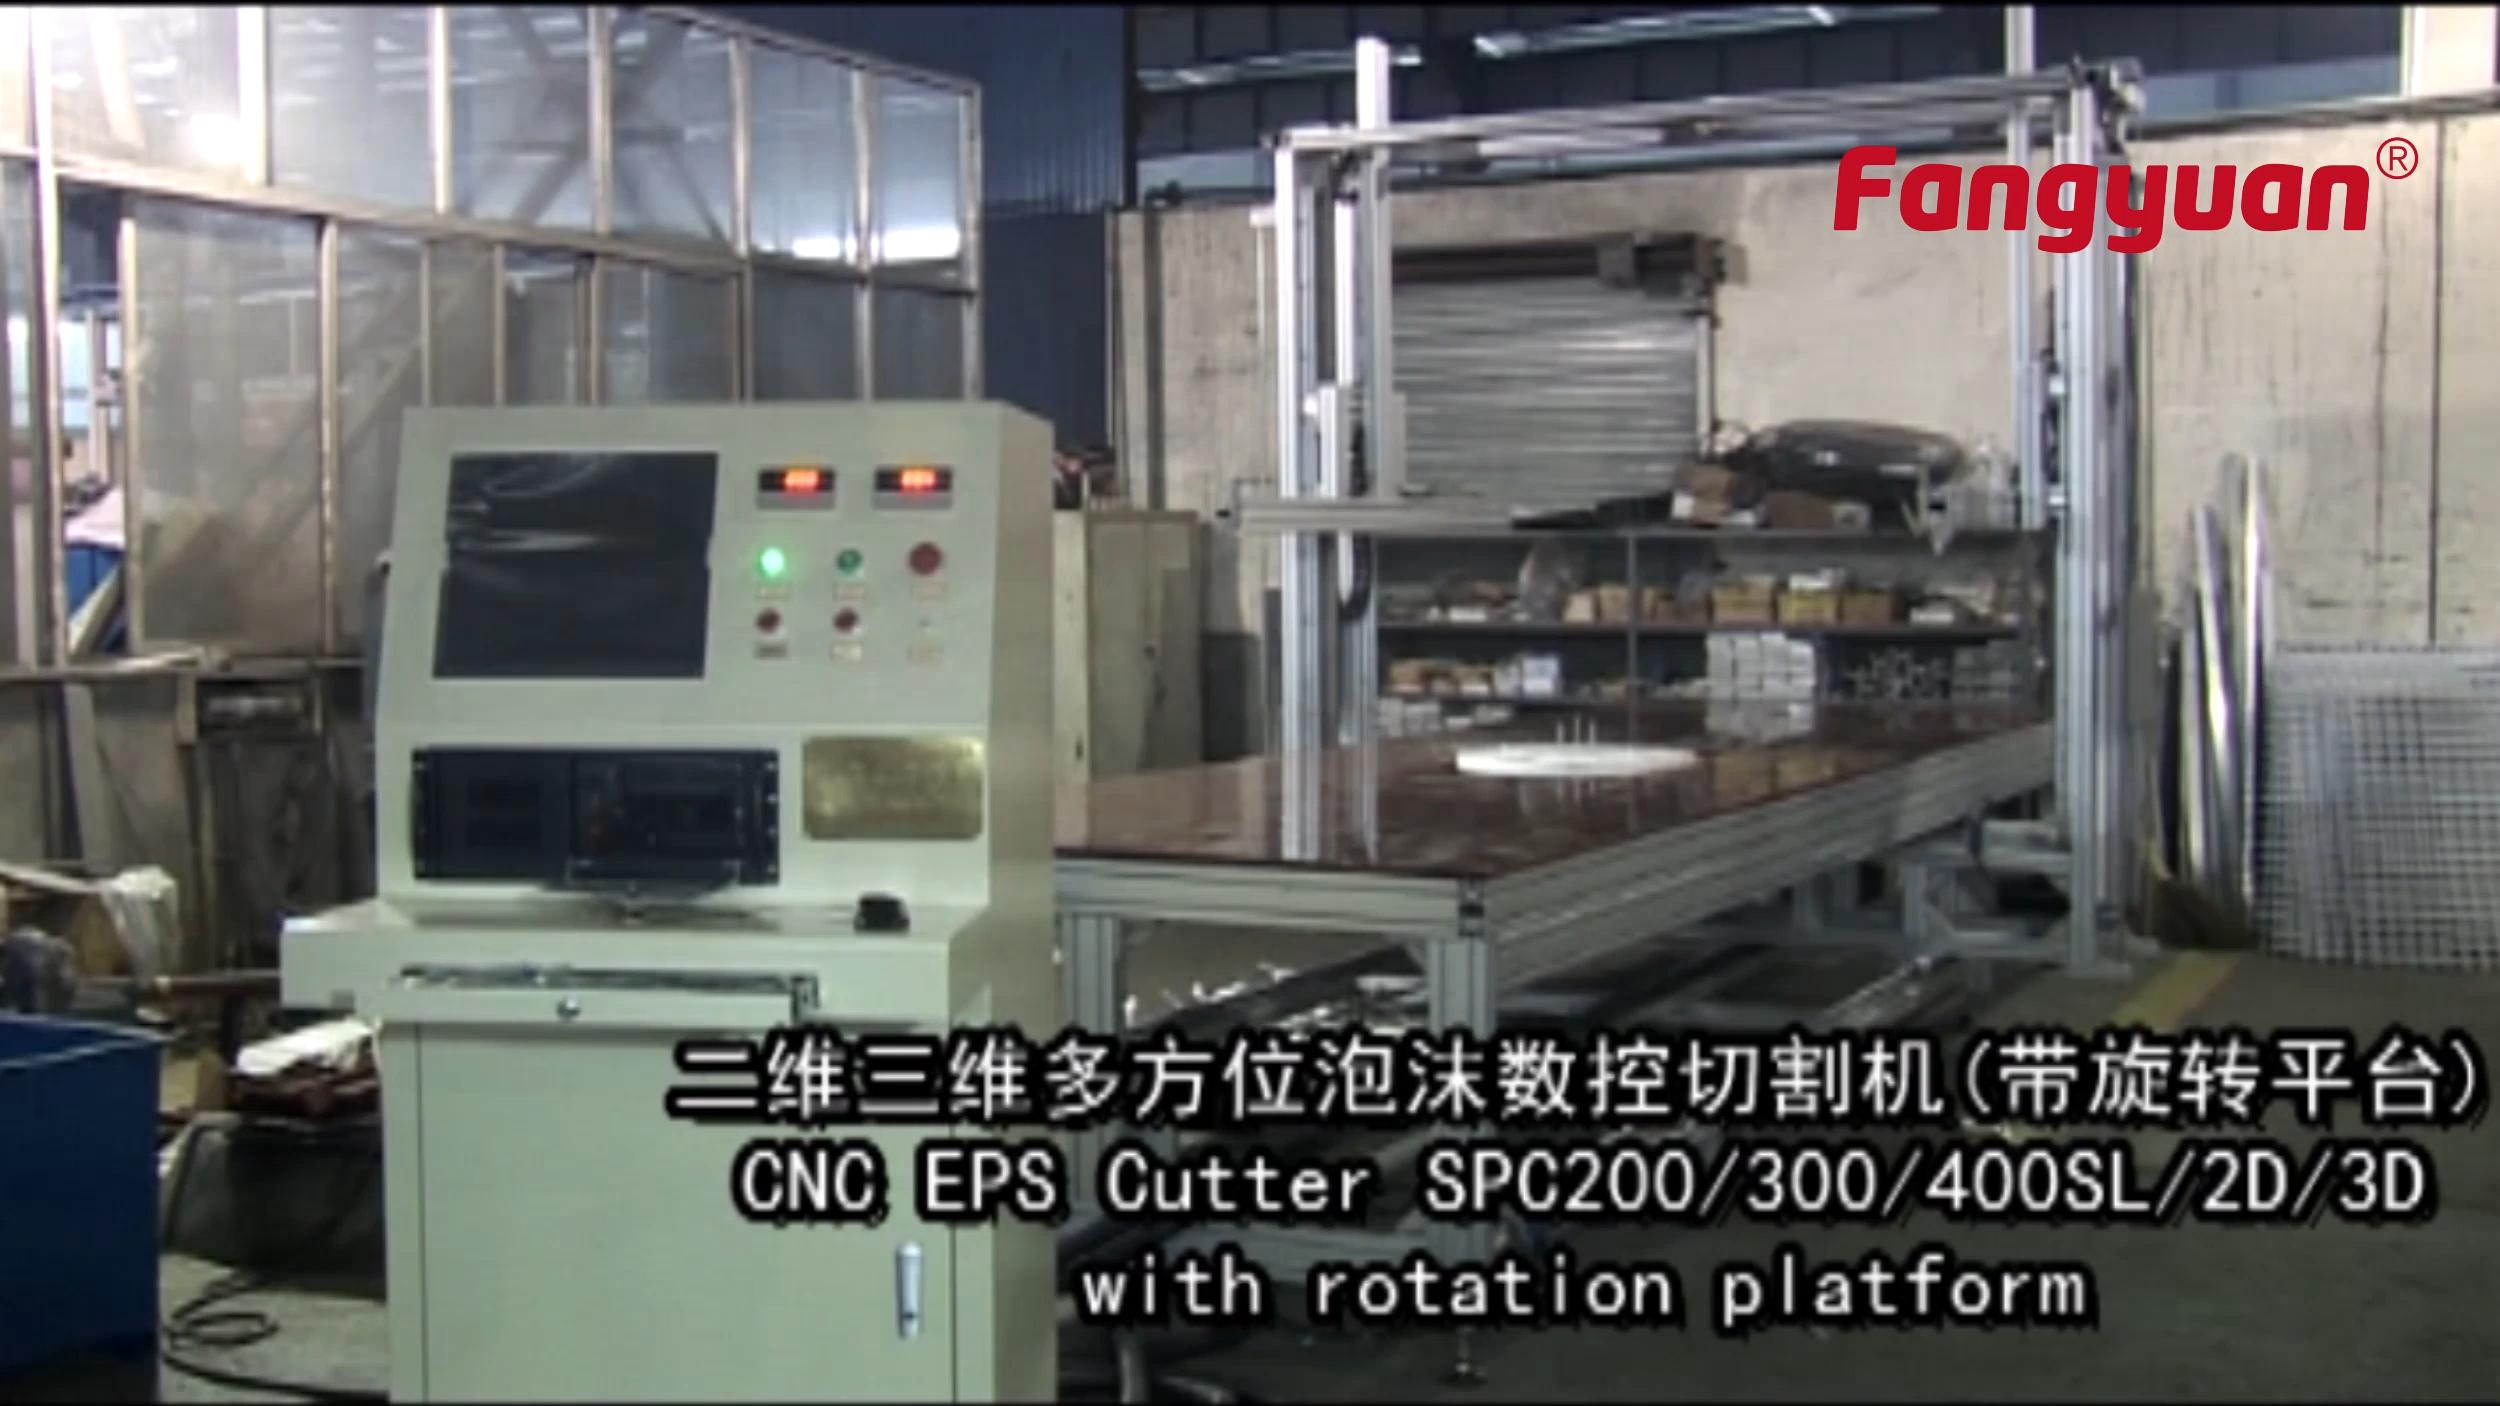 Fangyuan norme CE fil chaud polystyrène expansé de styromousse d'eps 3D cnc machine de découpe avec plate-forme de rotation